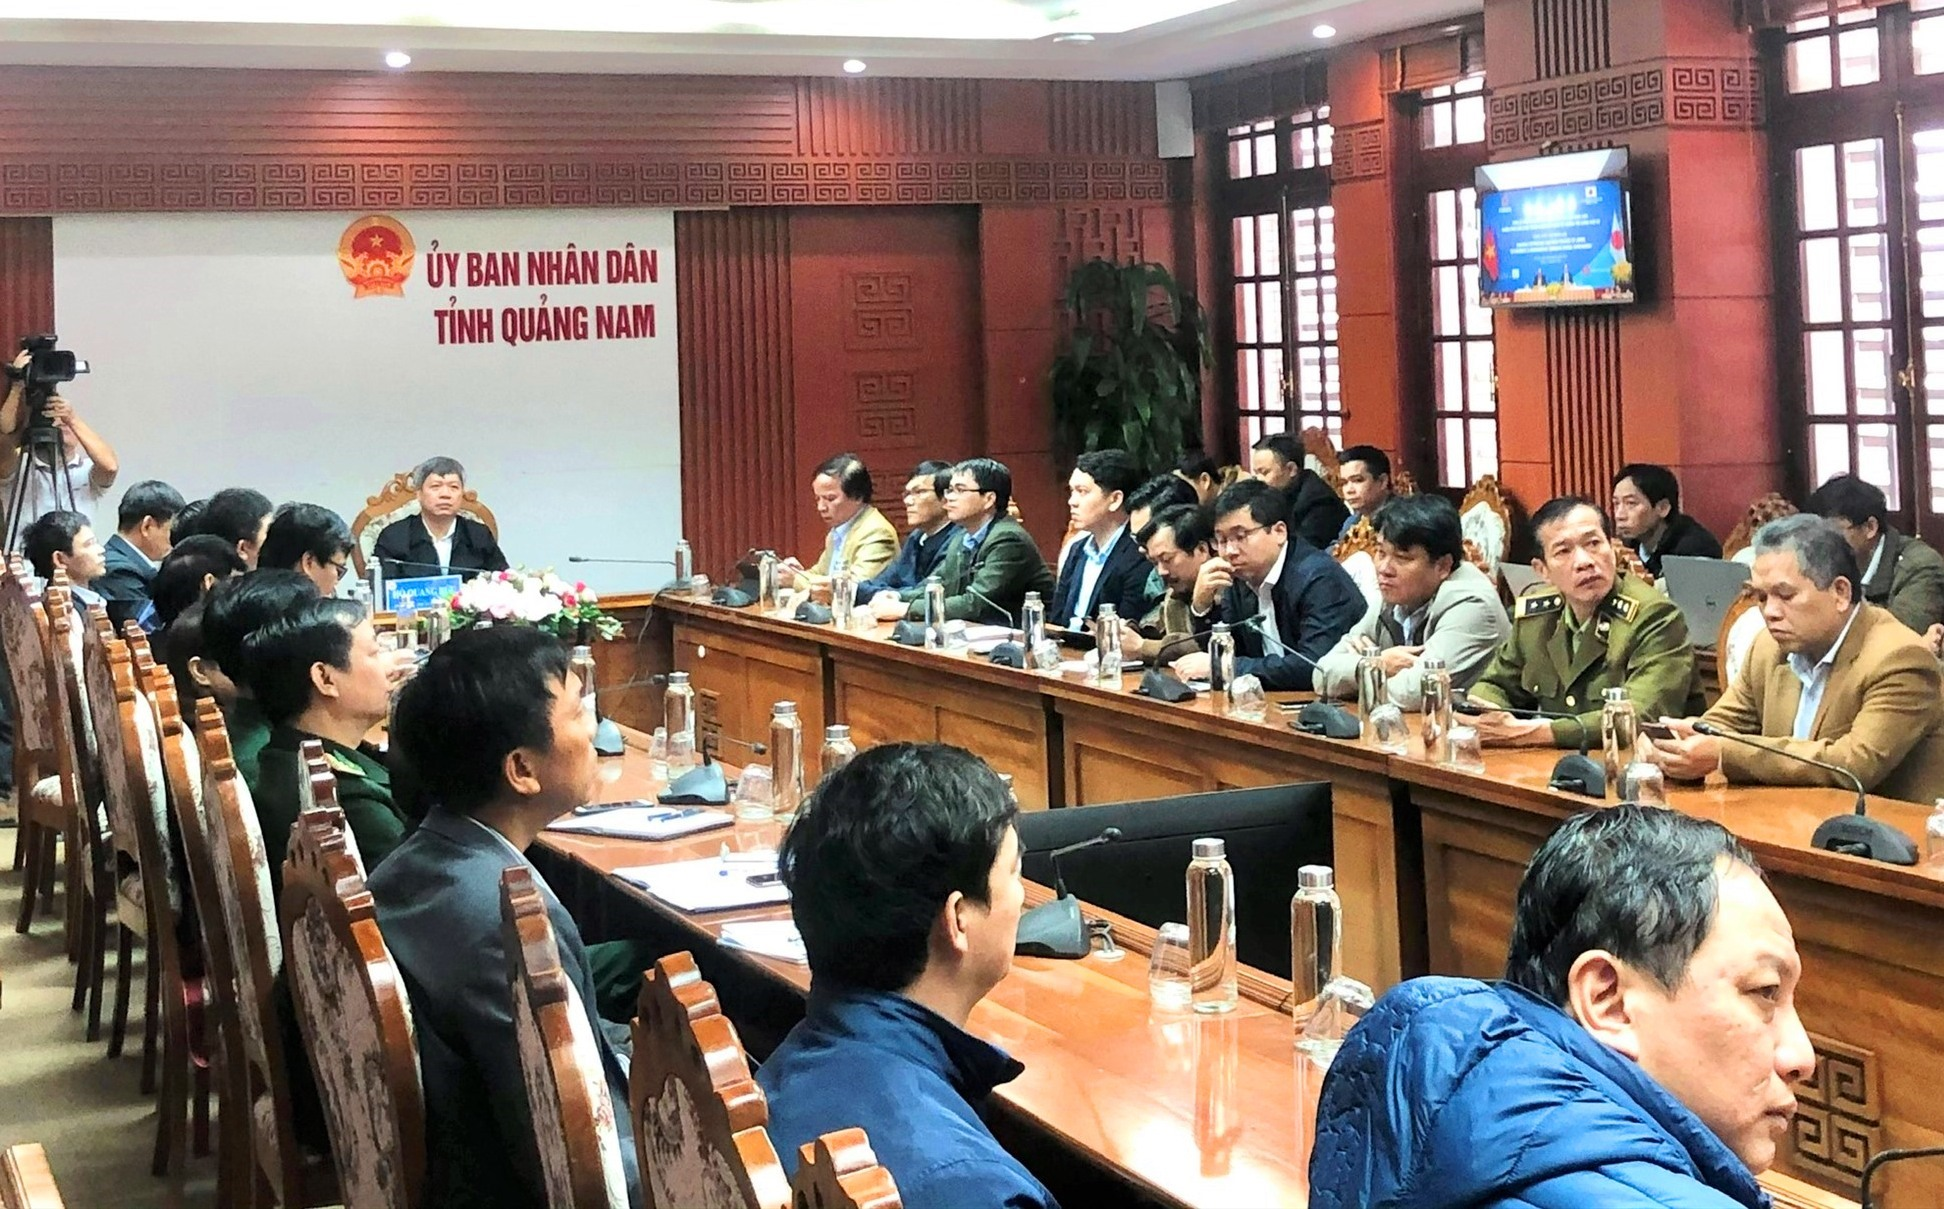 Các đại biểu theo dõi hội nghị tại điểm cầu Quảng Nam. Ảnh: V.A